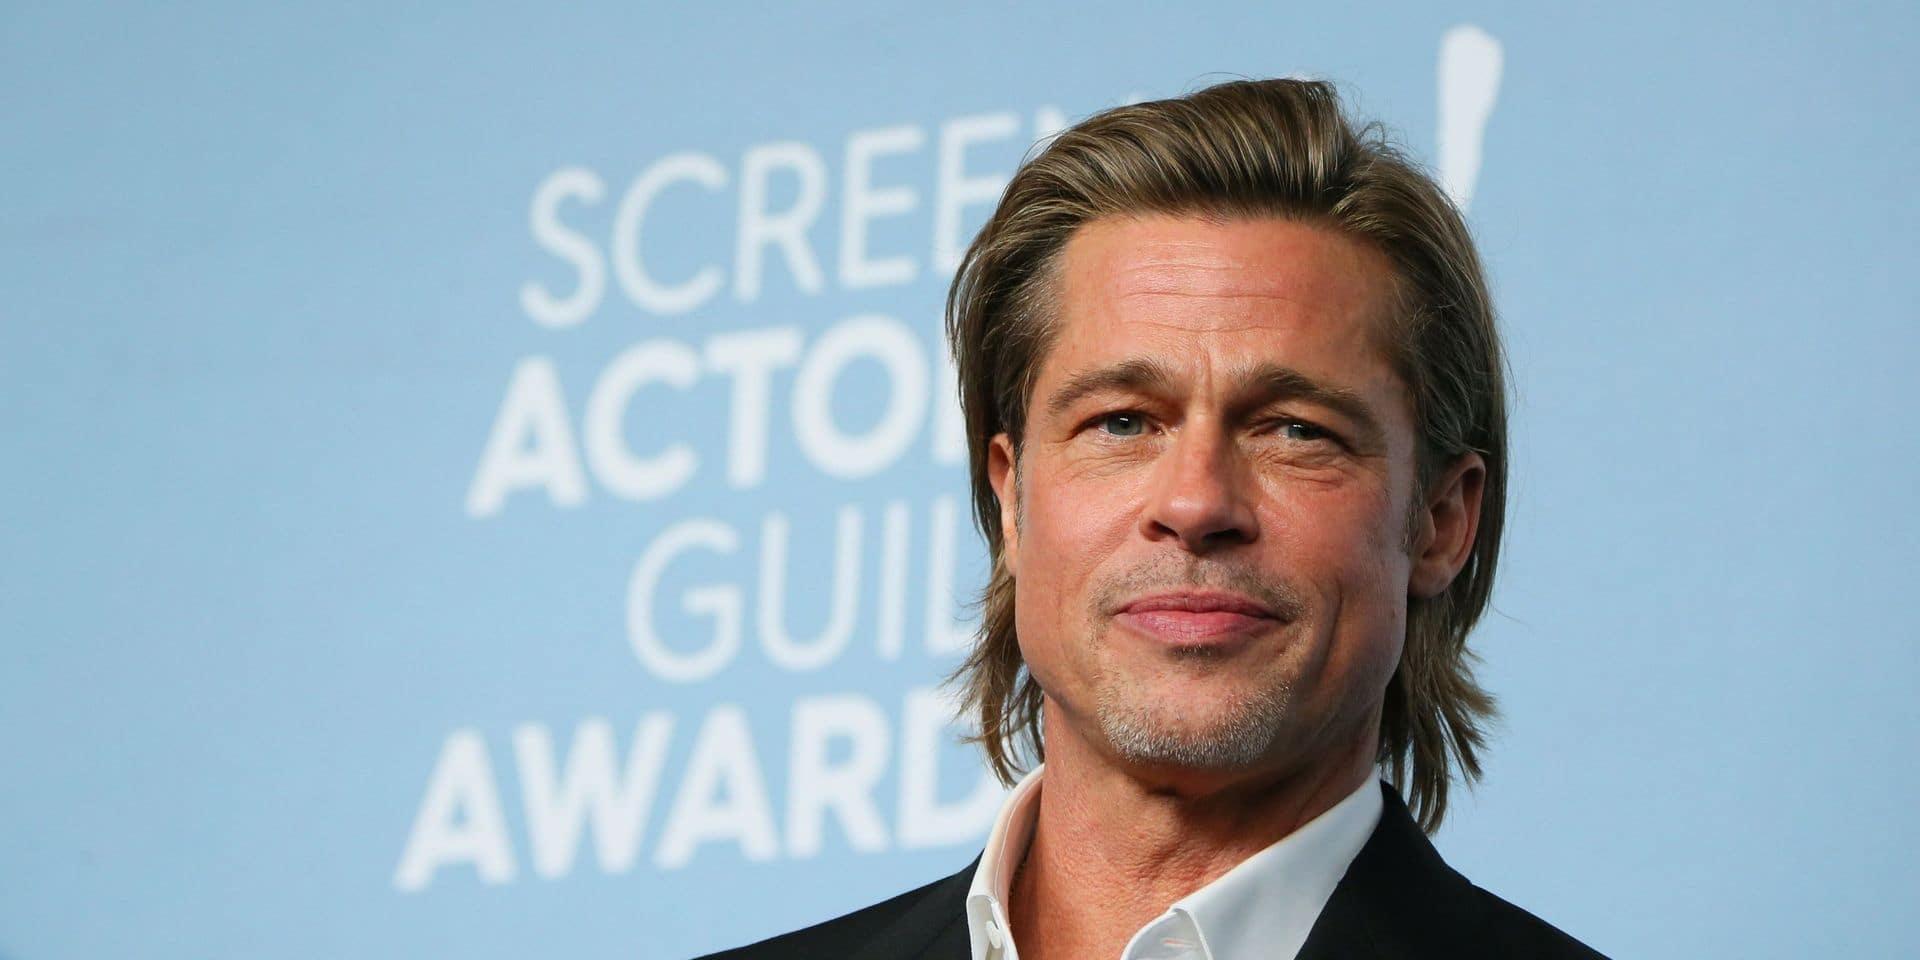 Le prix exorbitant de la bouteille de champagne produite par Brad Pitt